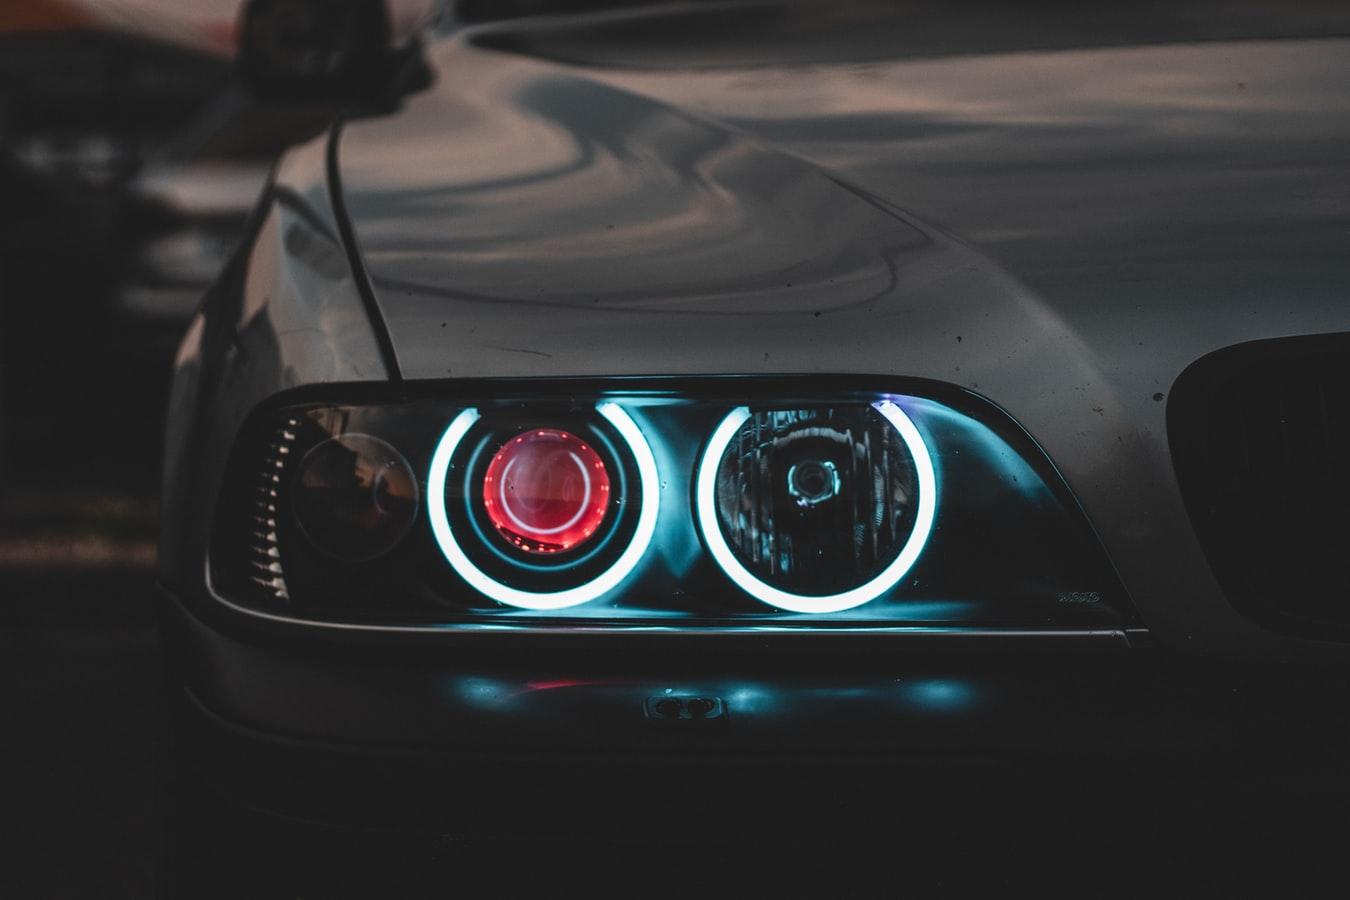 jan2 - Leasing af en bil: Hvornår er leasing en god idé?